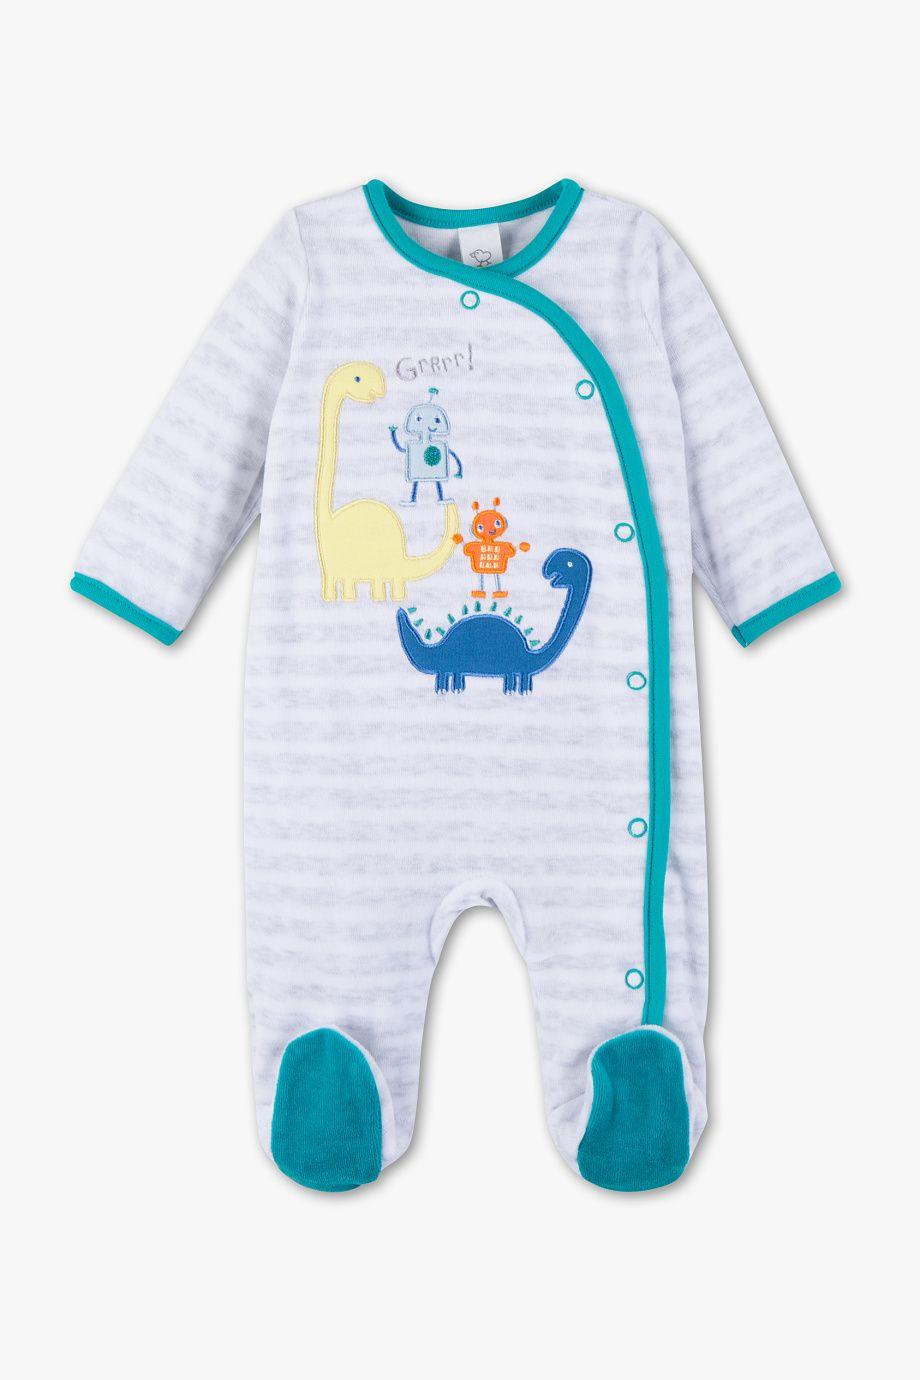 8cef0712d6b6d Baby Club Pyjama pour bébé - à rayures | baby dino!! | Pyjama bébé ...